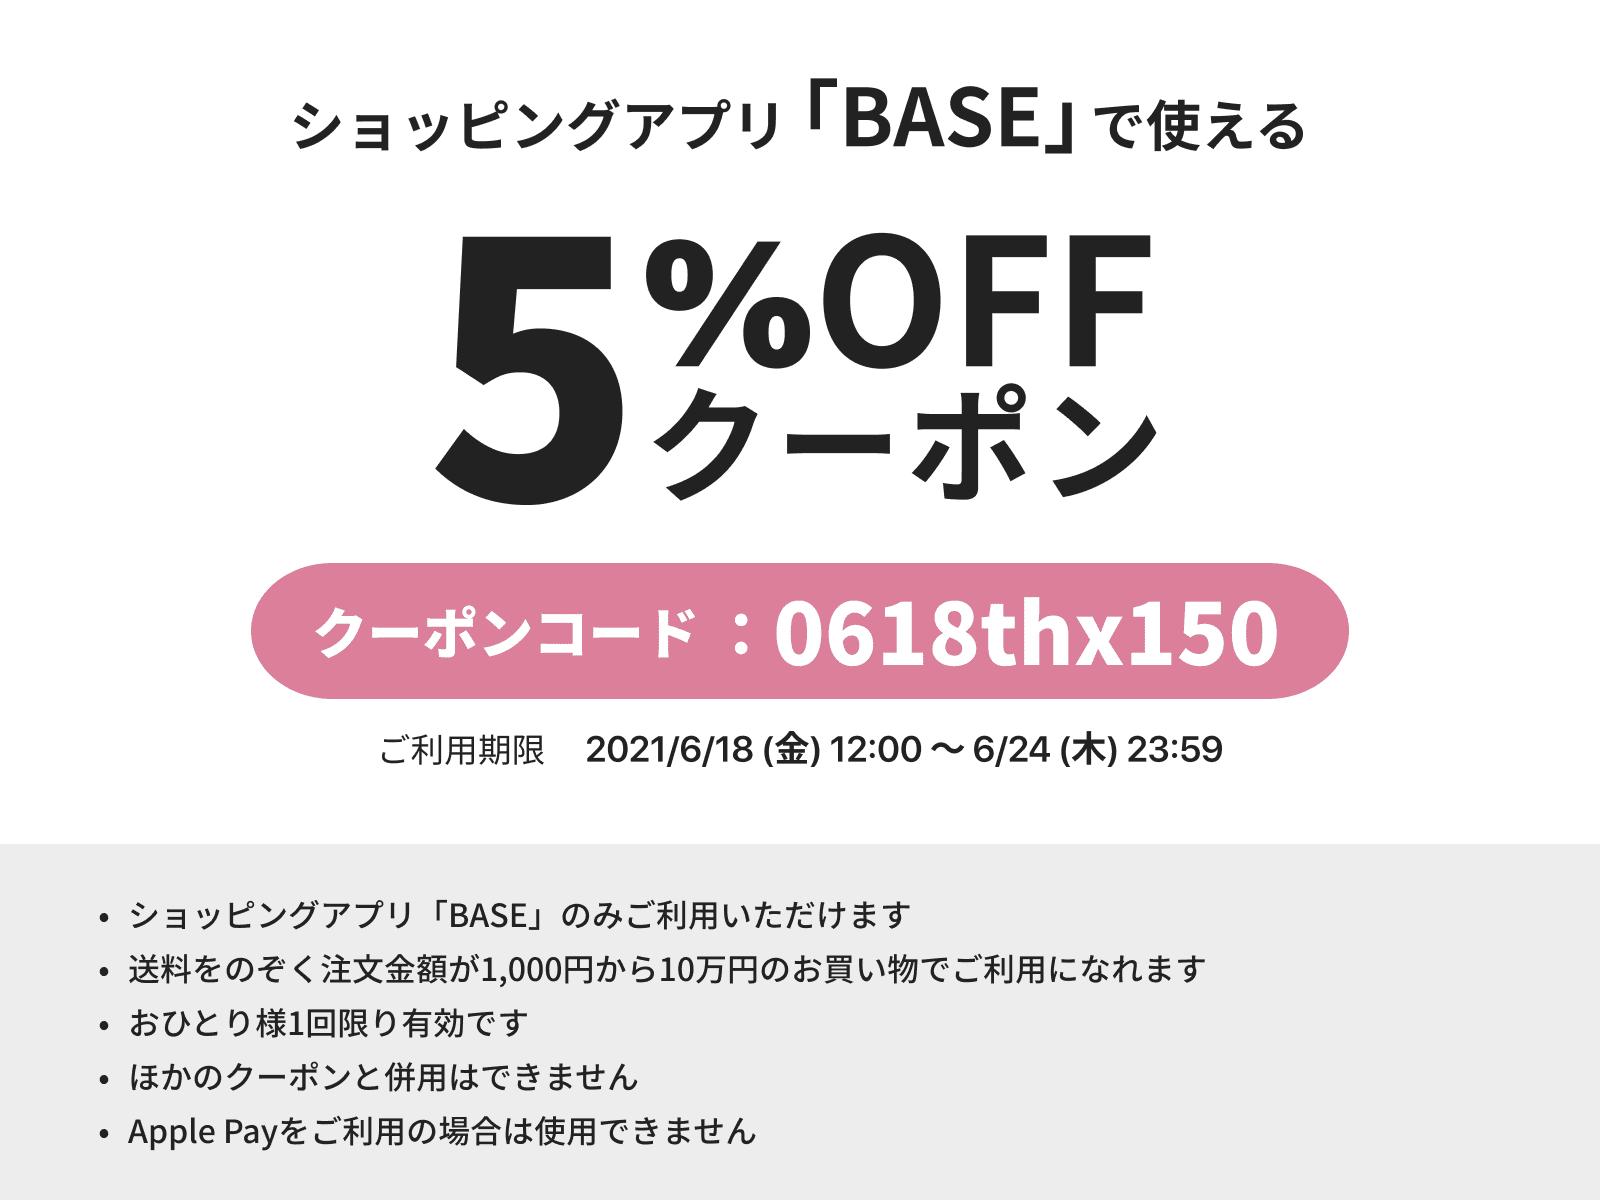 BASE 5%off SALE!! 開始!